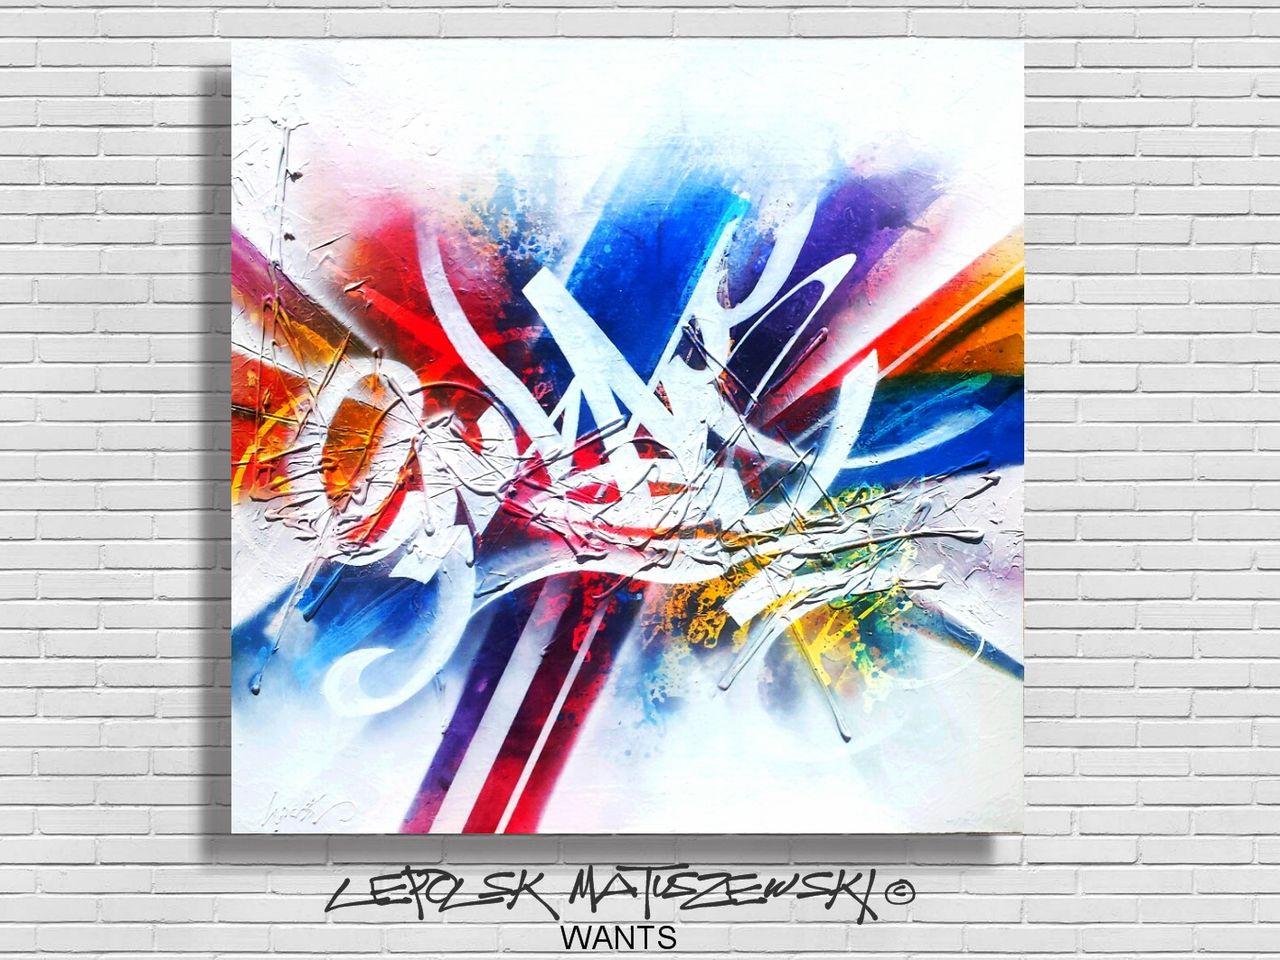 MISTER K  (Lepolsk Matuszewski) WANTS by Lepolsk 2016 abstract art calligrafftii